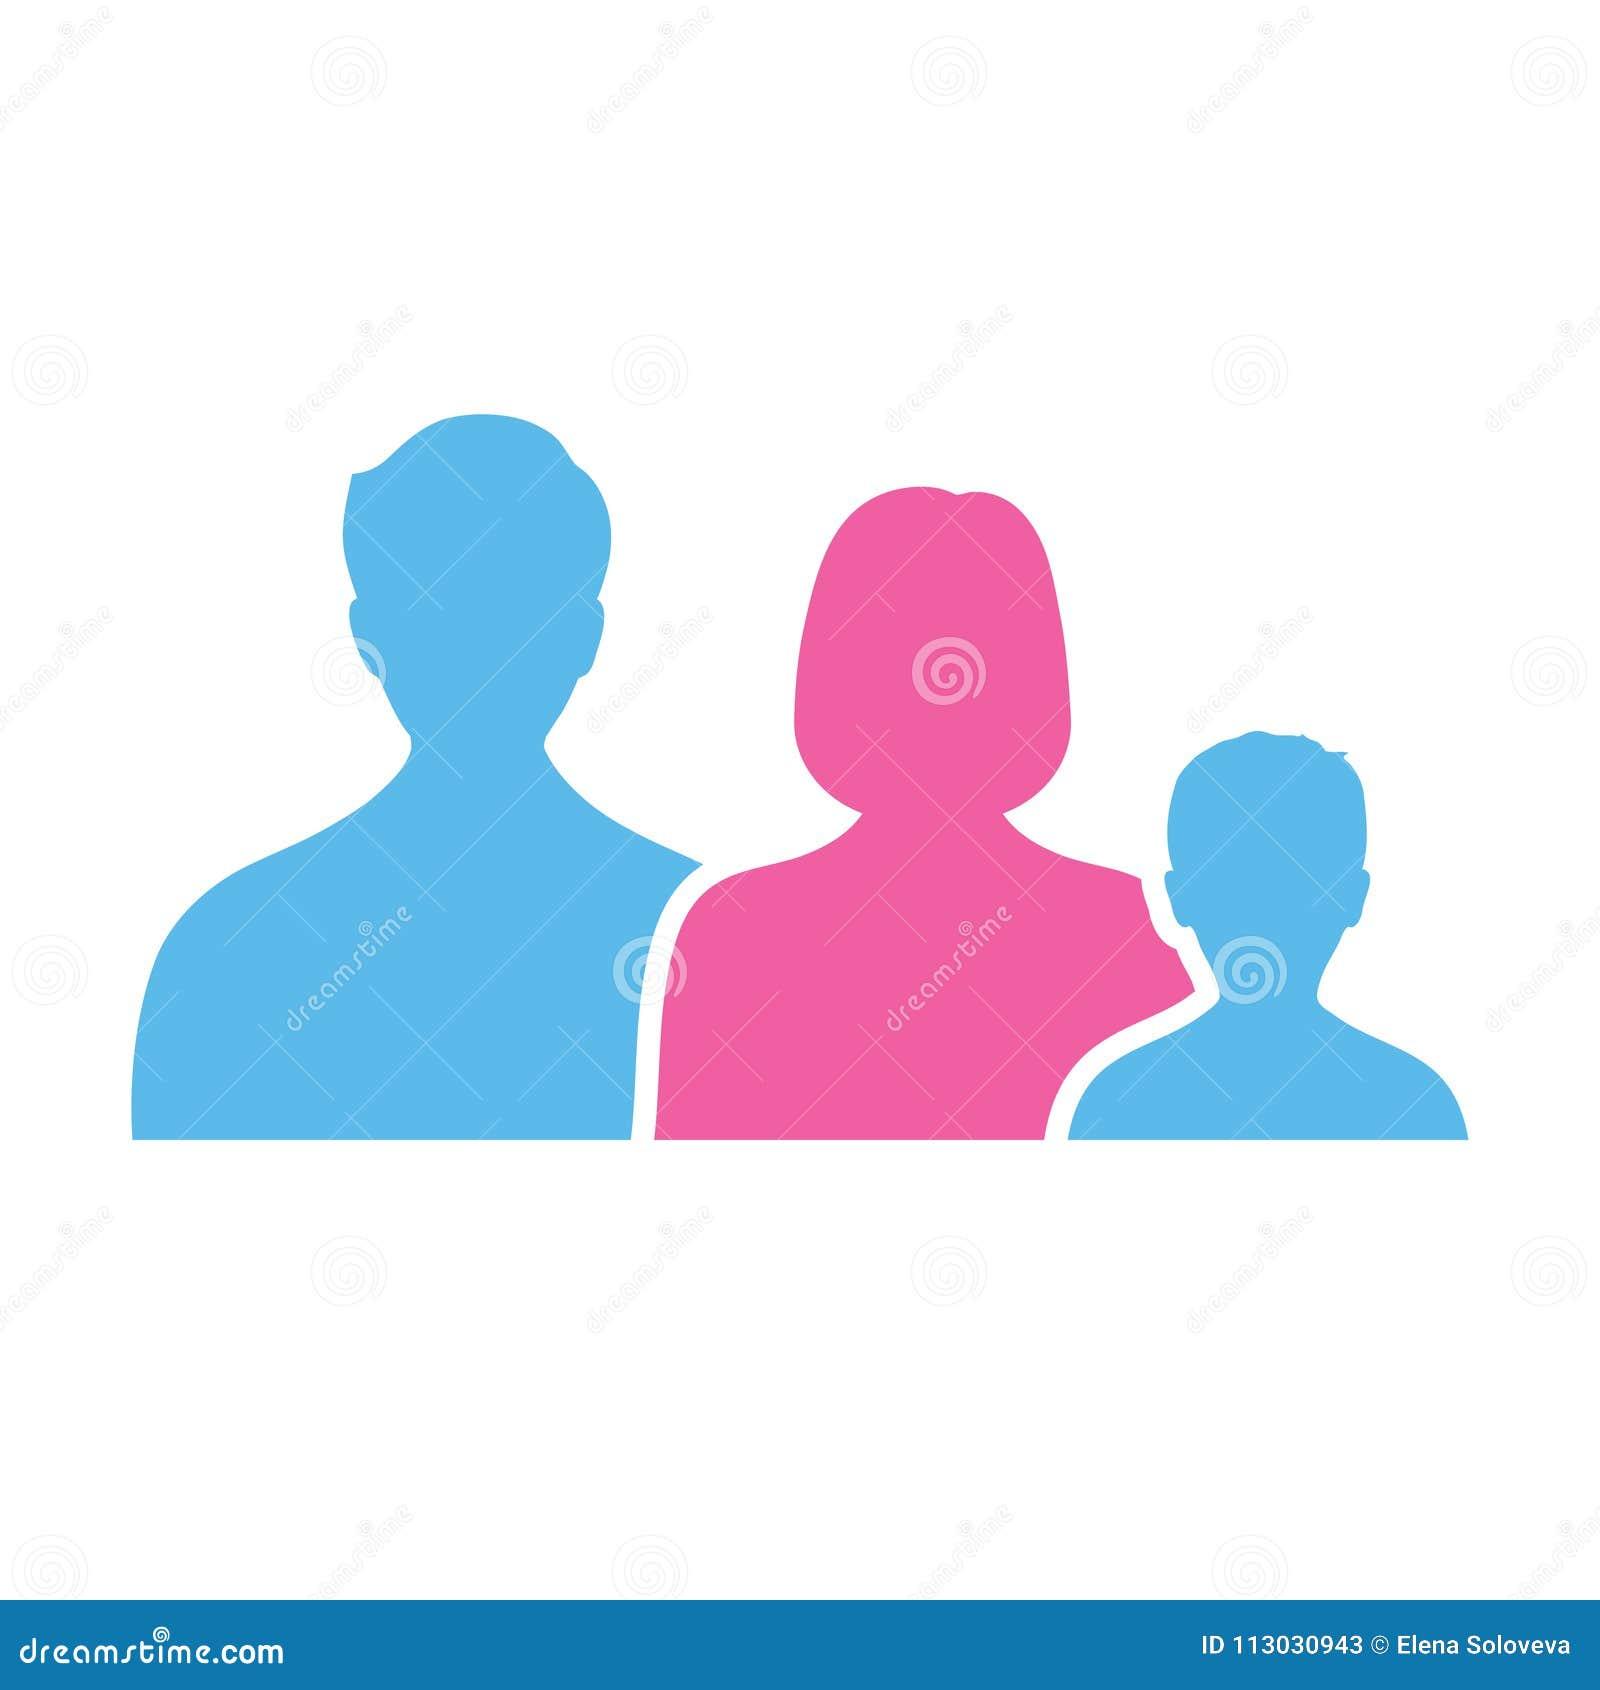 Logotipo de la familia que consiste en las figuras simples papá, mamá y niño